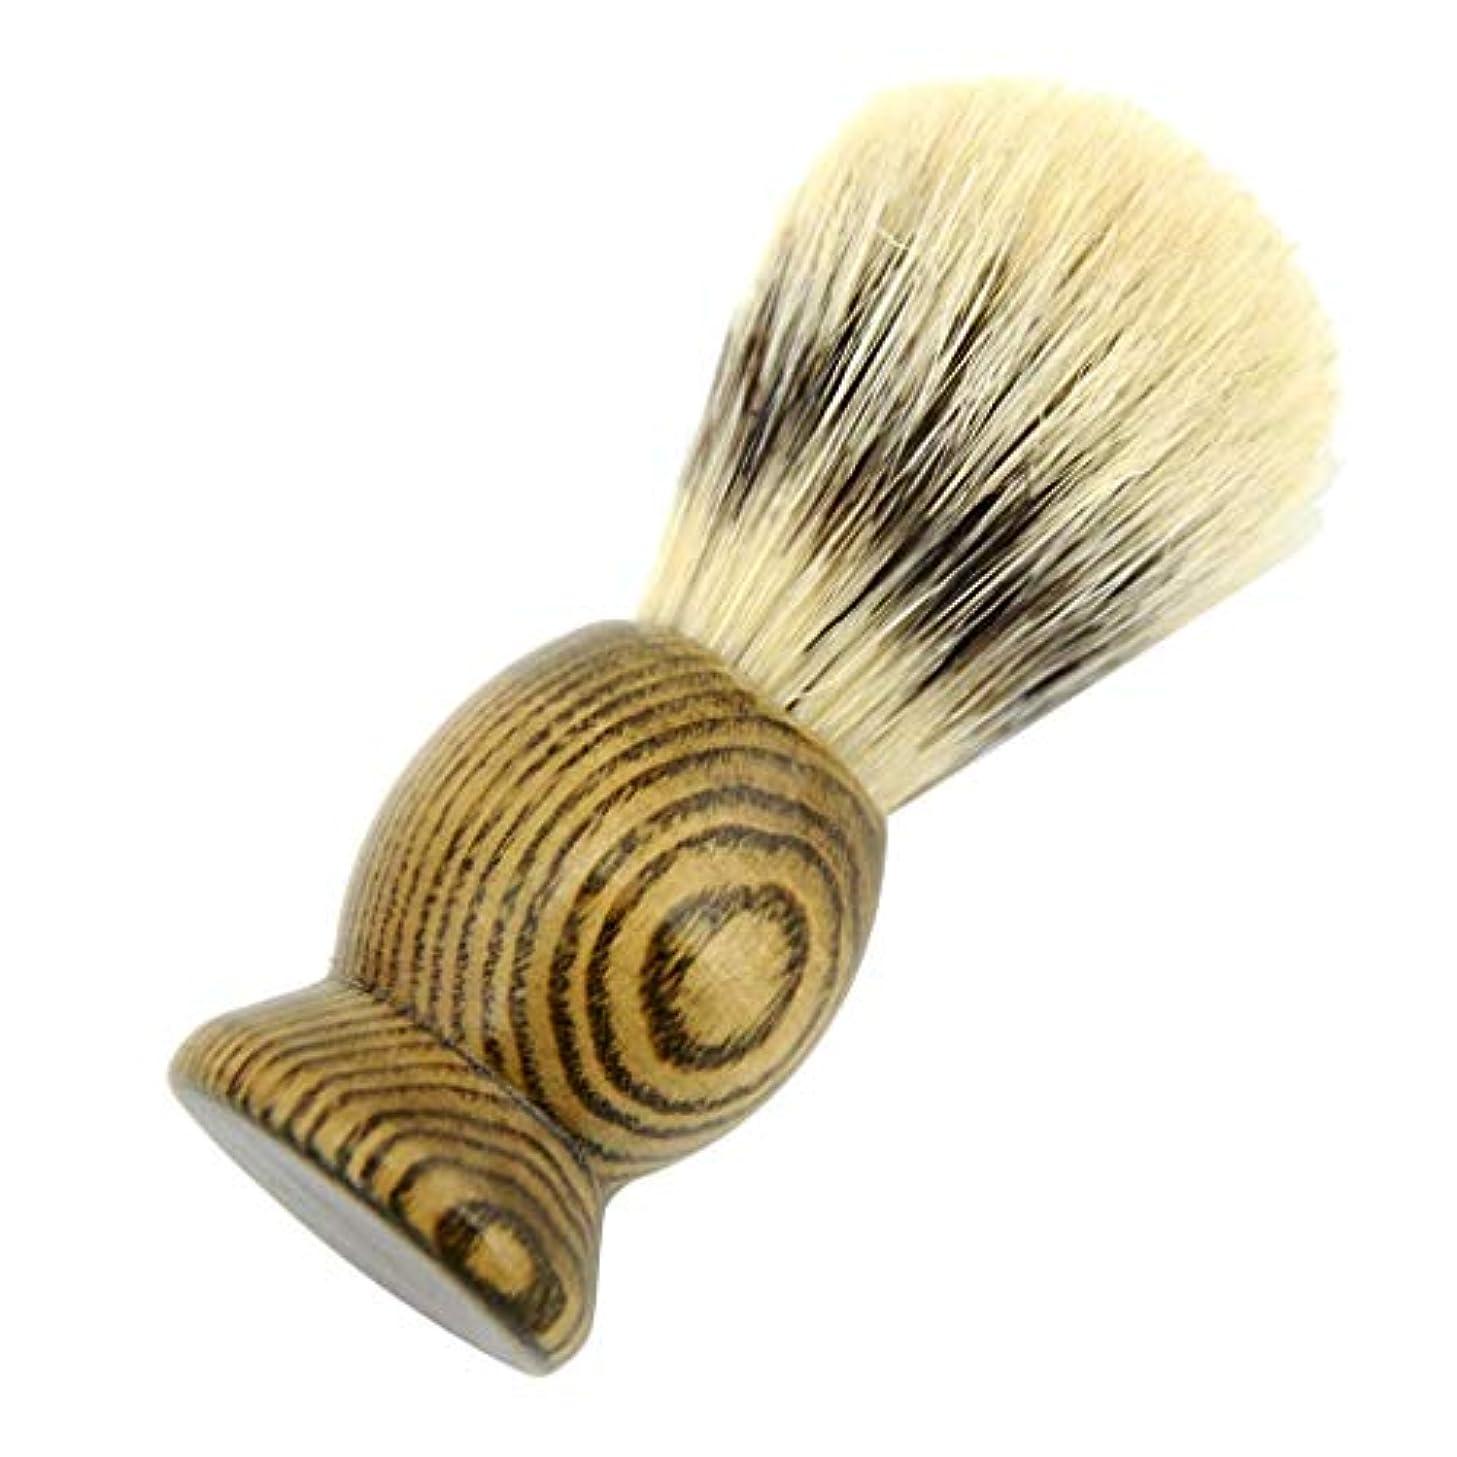 エレクトロニック工業化するマウスピースdailymall メンズ シェービング用ブラシ 理容 洗顔 髭剃り 泡立ち サロン 家庭用 ボックス付 快適